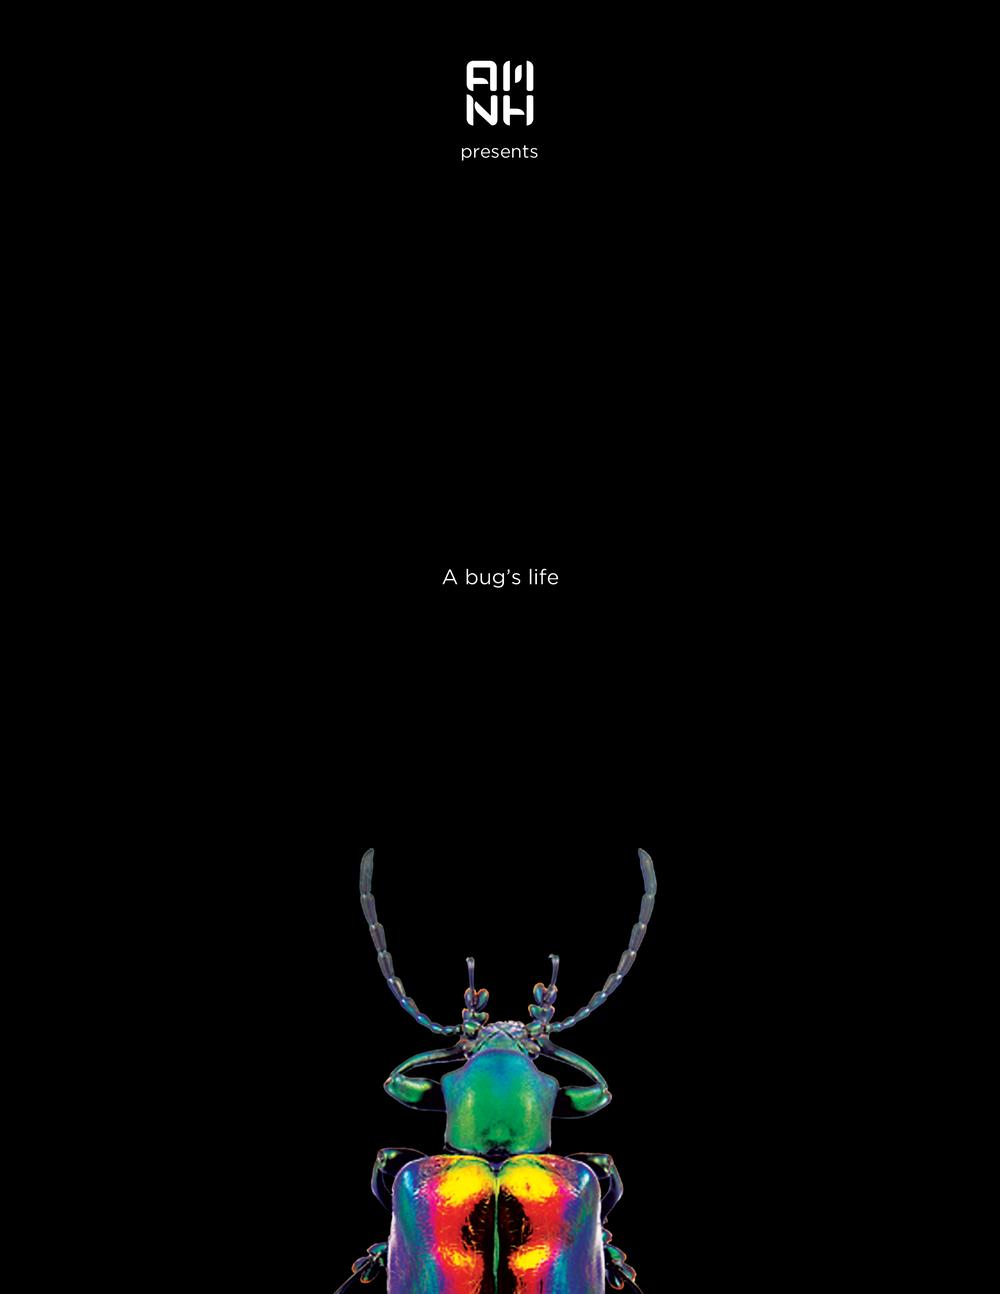 amnh_posters_v1_bugs2.jpg